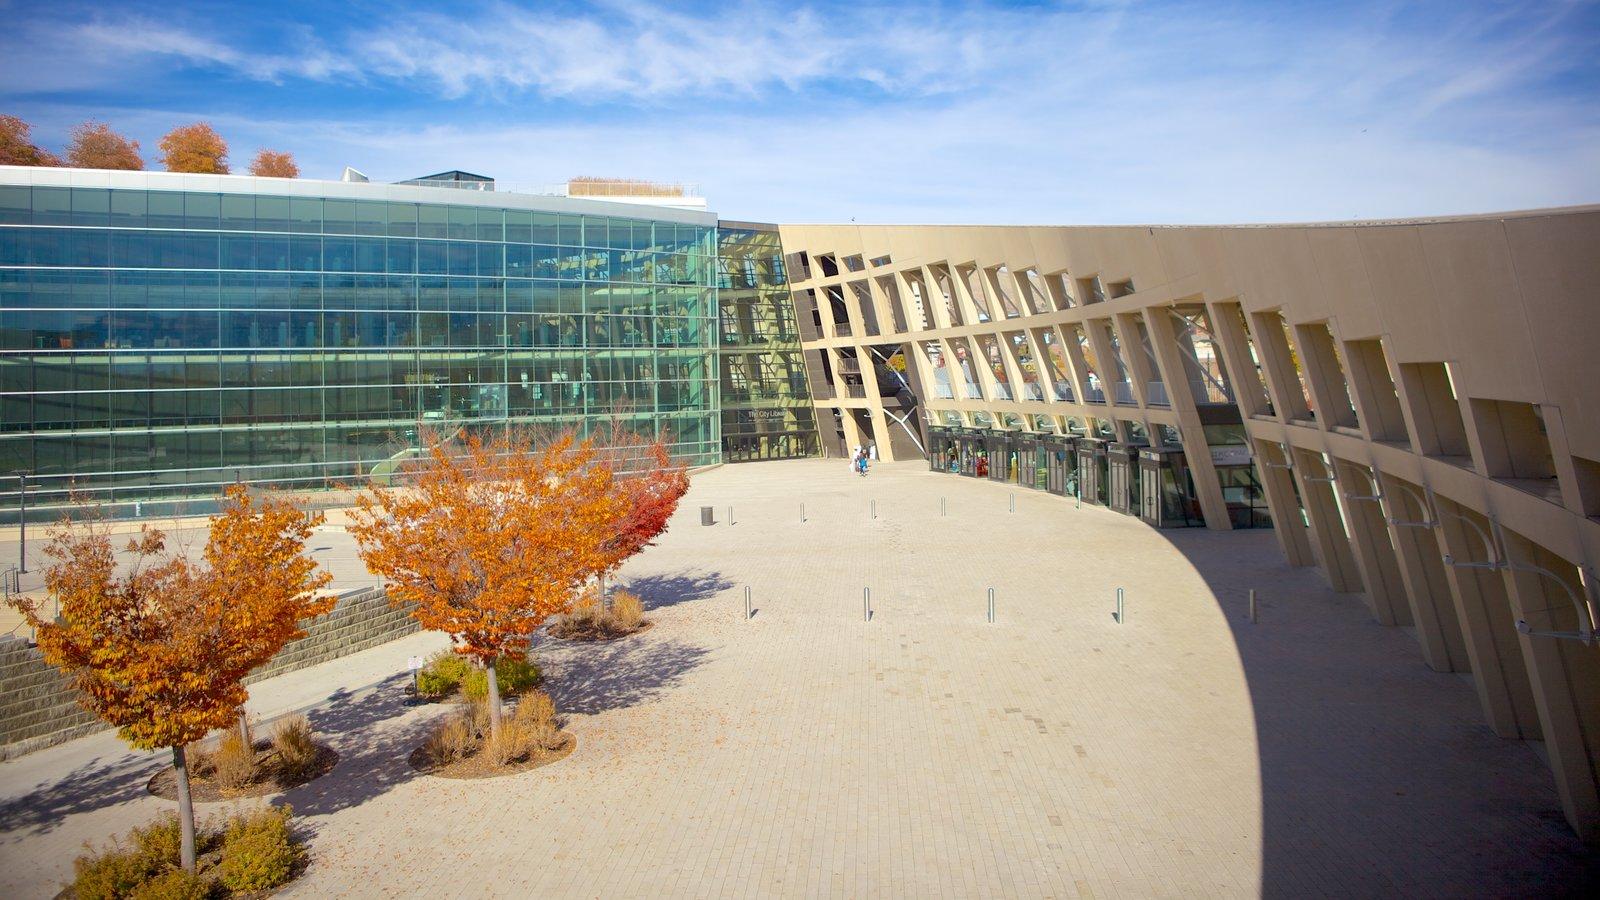 Edifício Principal da Biblioteca Pública de Salt Lake caracterizando arquitetura moderna